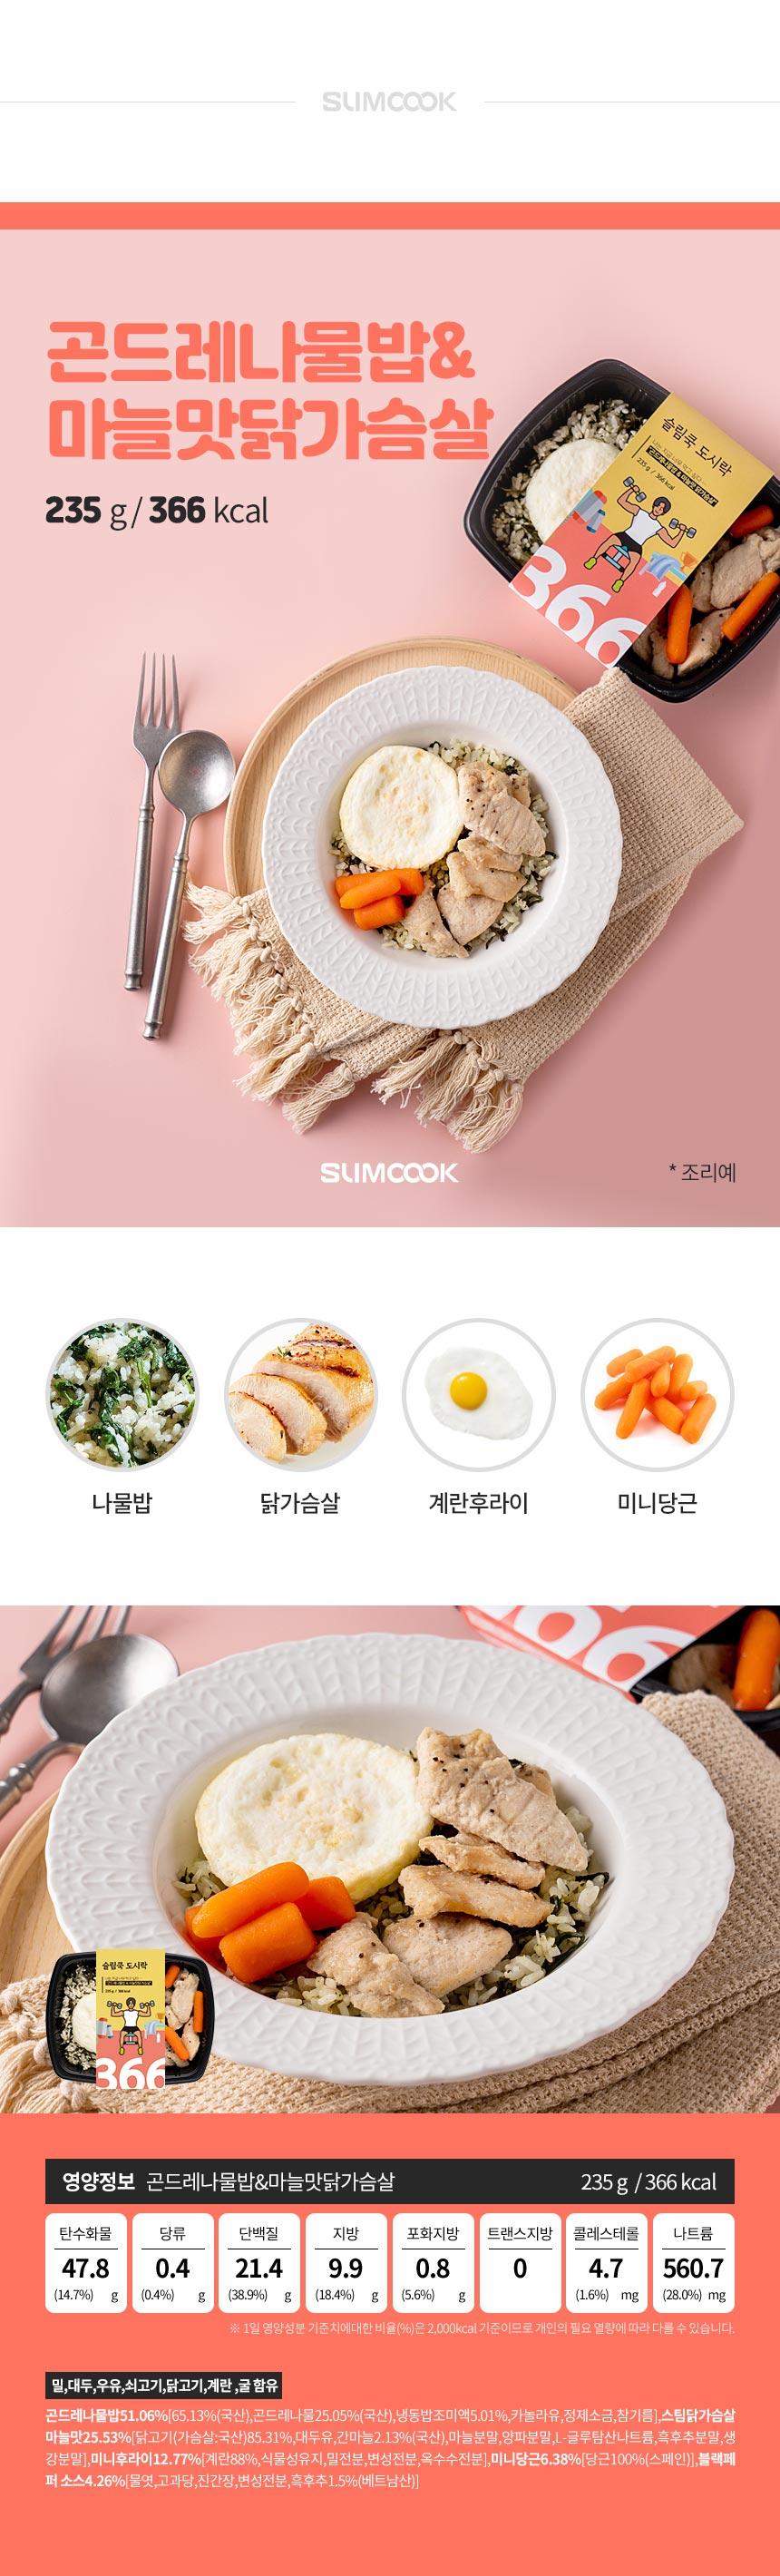 슬림쿡 냉동도시락 곤드레나물밥&마늘맛닭가슴살